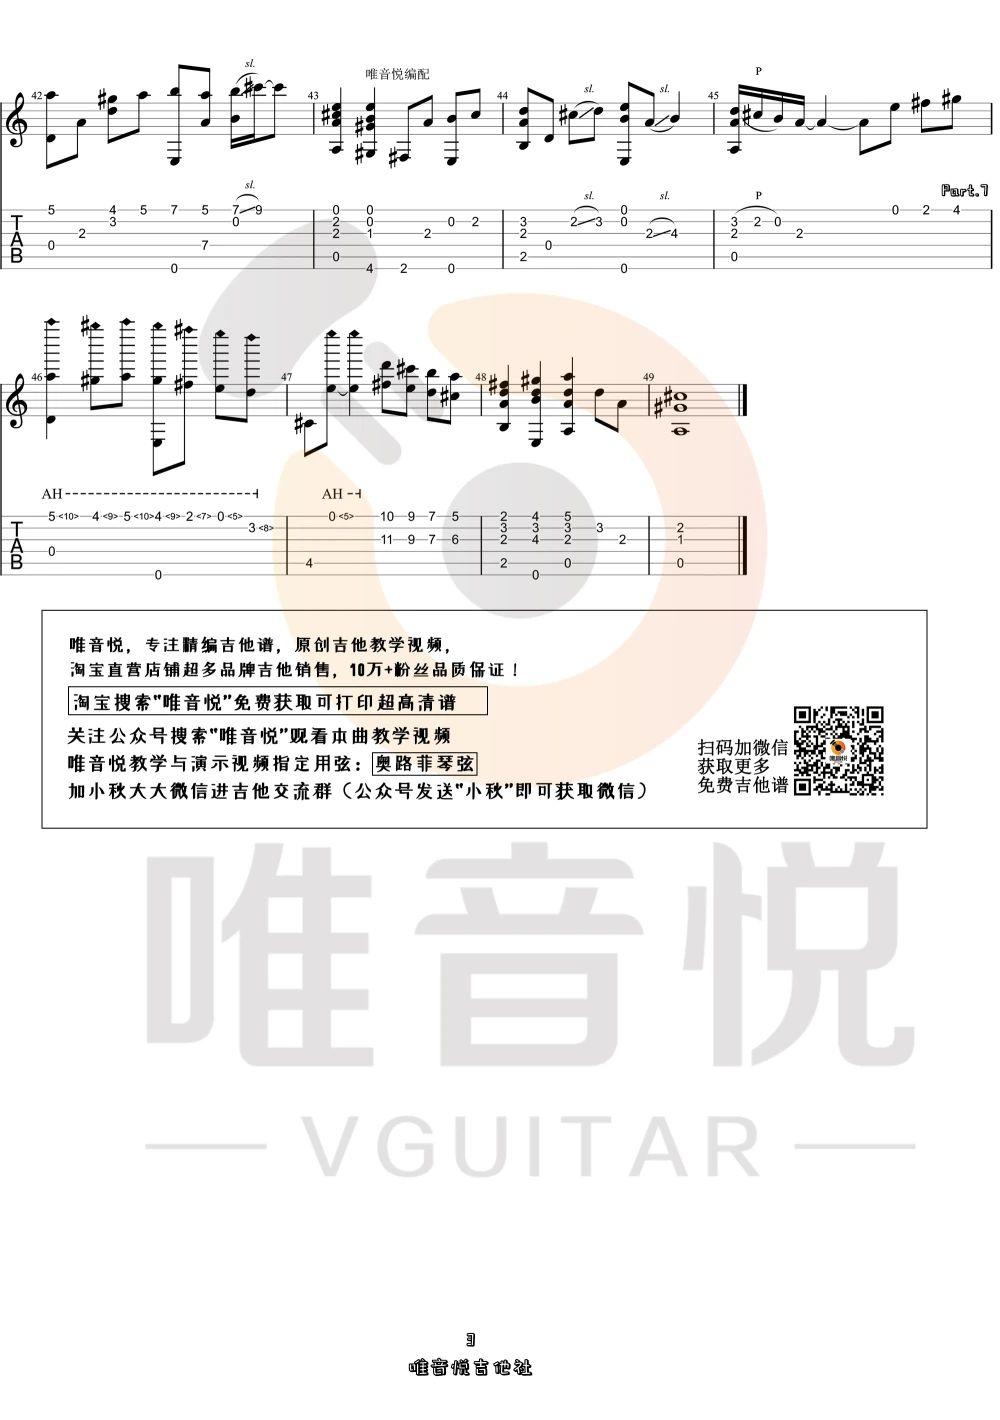 吉他派《遇见》吉他谱-3